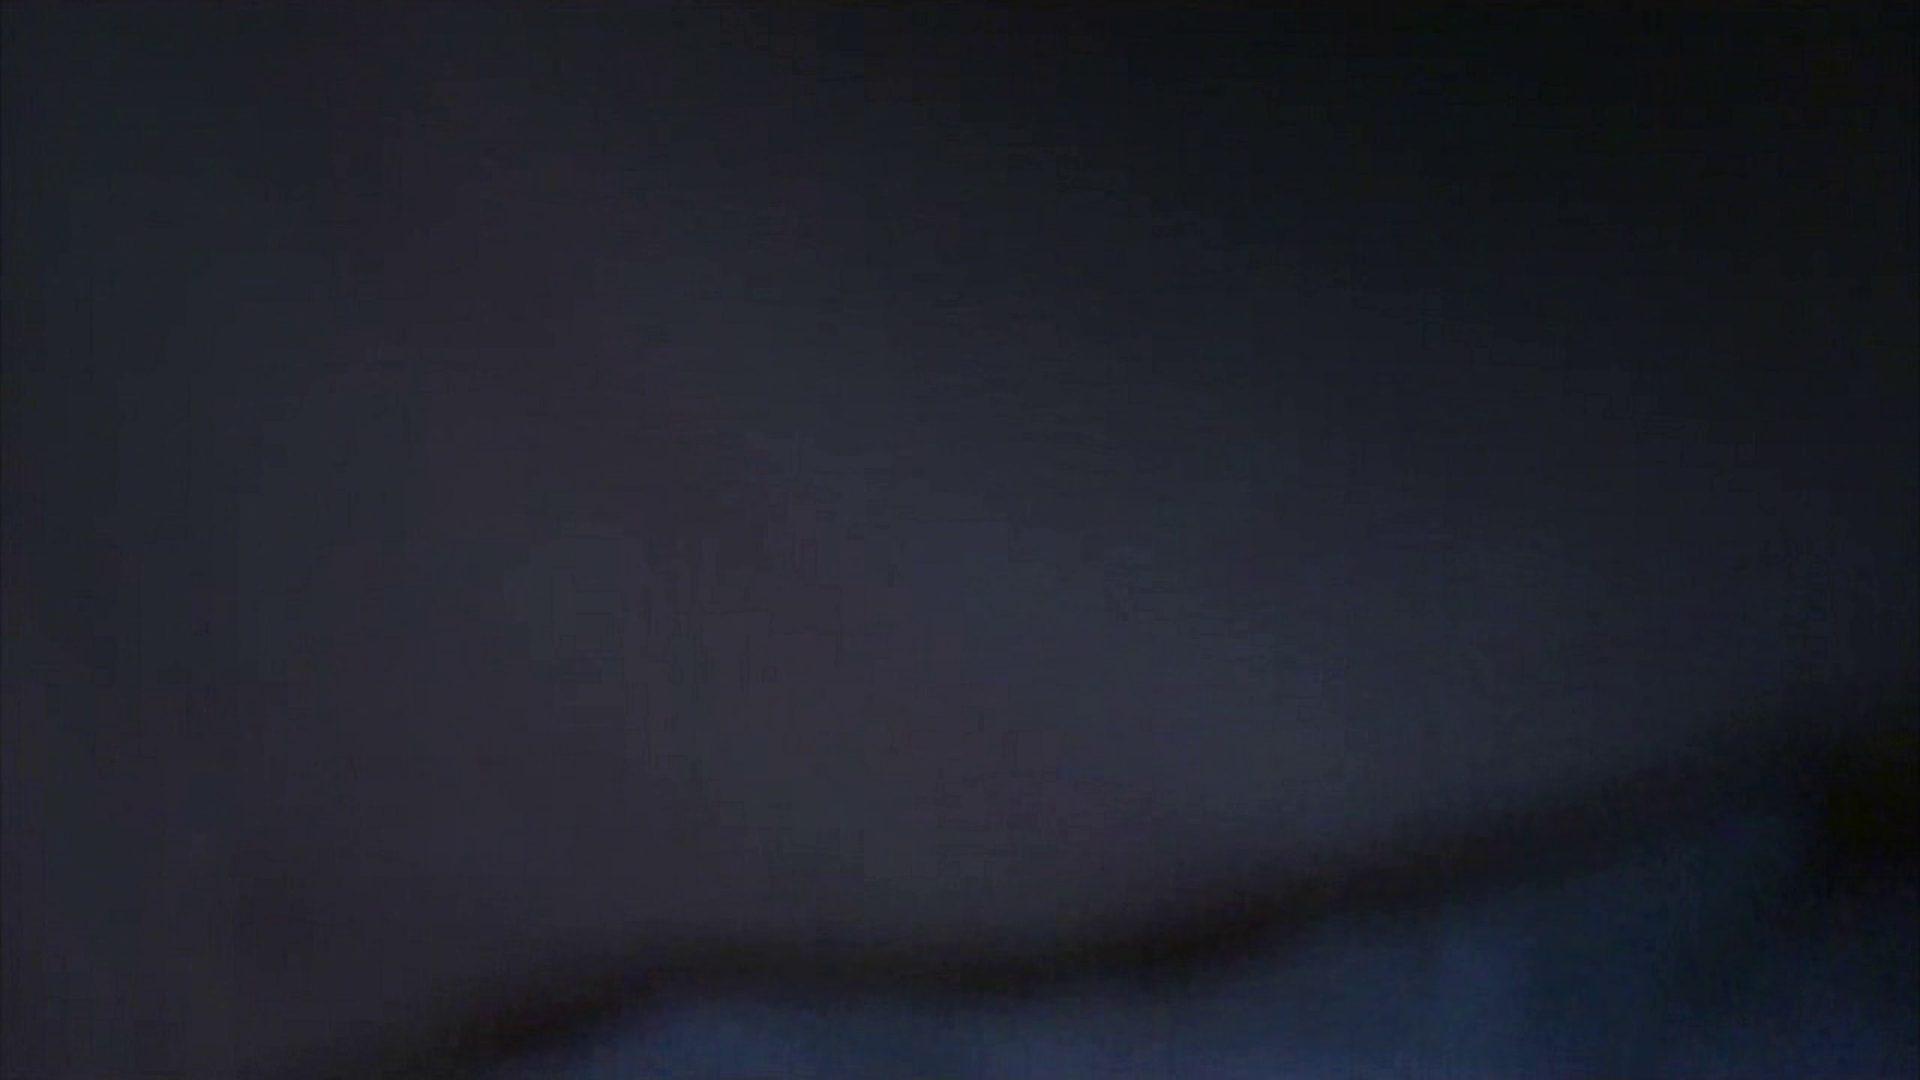 vol.6 -後編-ユリナちゃん妊娠したら責任取るからね・・・【MKB44位】 むっちりガール すけべAV動画紹介 105枚 43